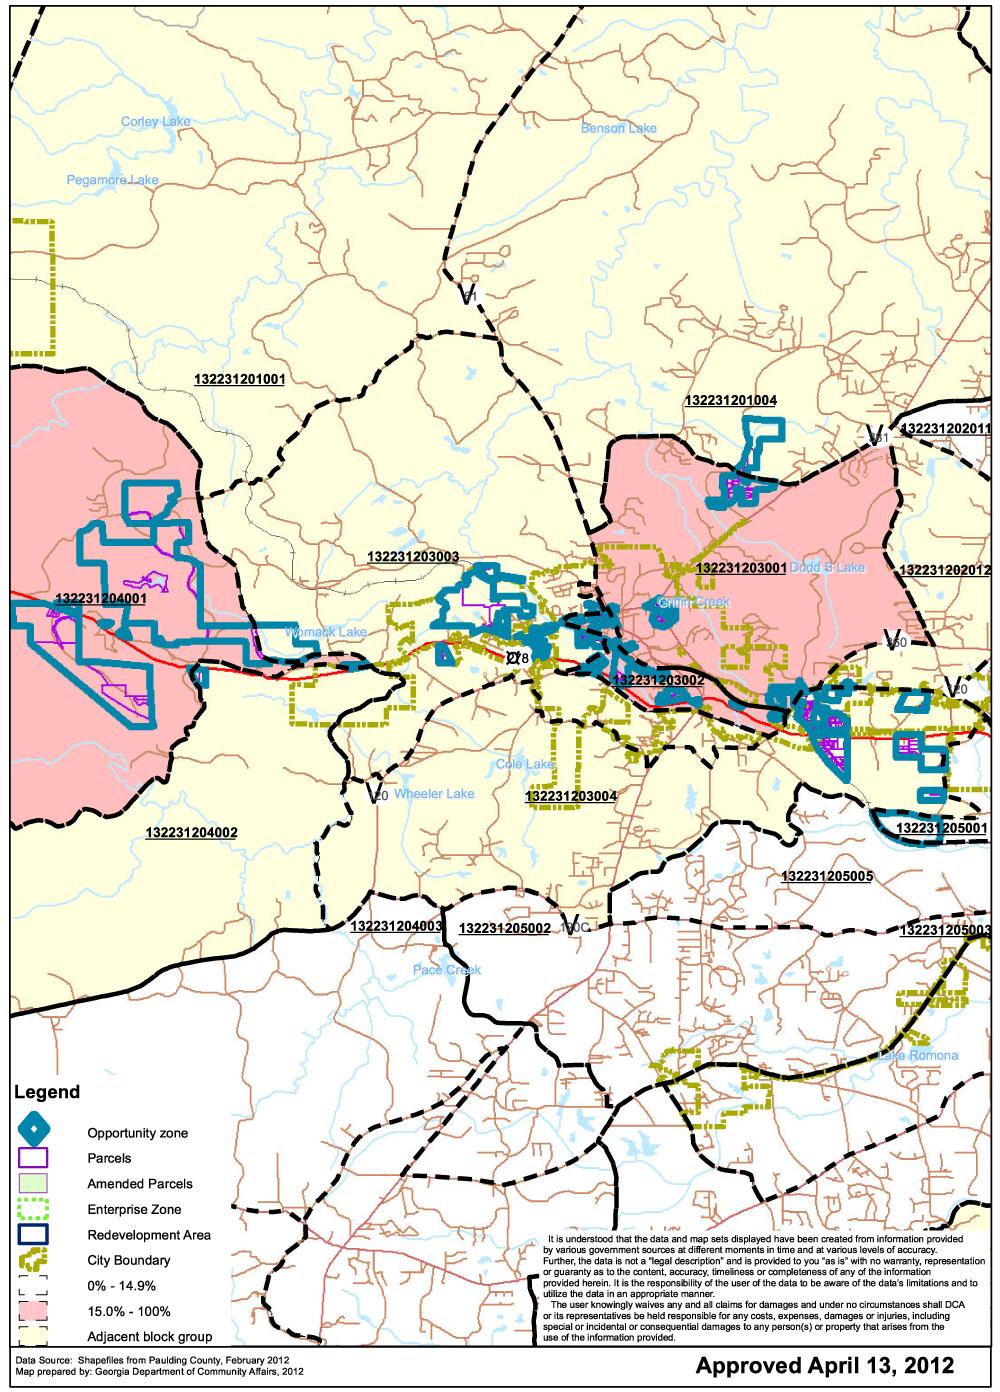 Paulding County Economic Development - Opportunity Zones